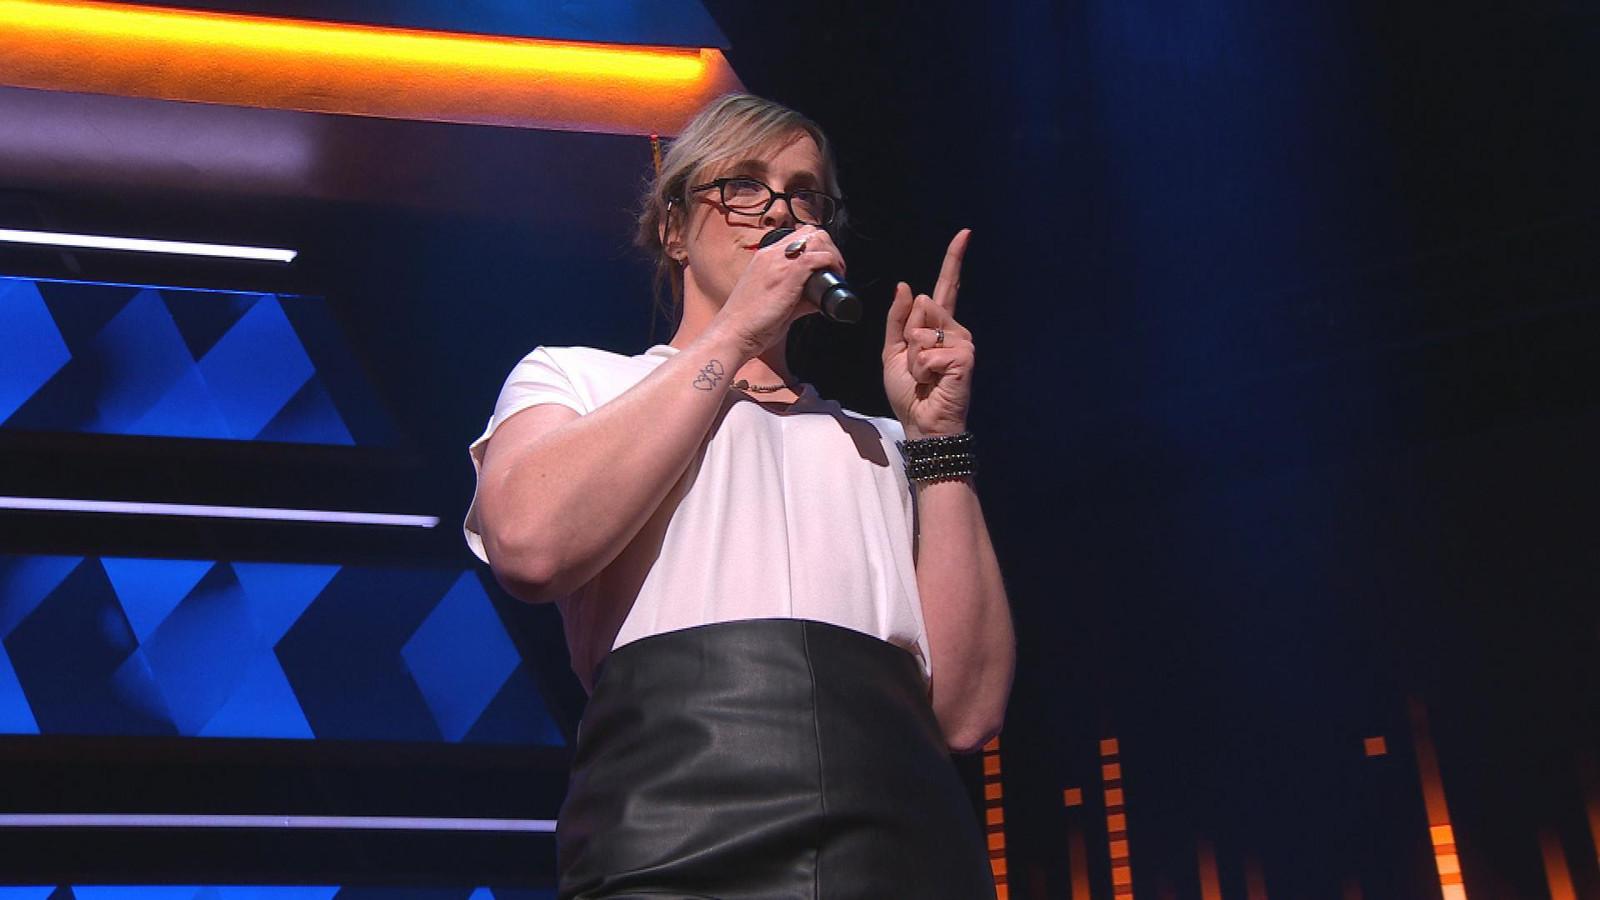 Schooljuf Ilona Dekker verrast vriend en vijand met zangkwaliteiten in I Can See Your Voice.